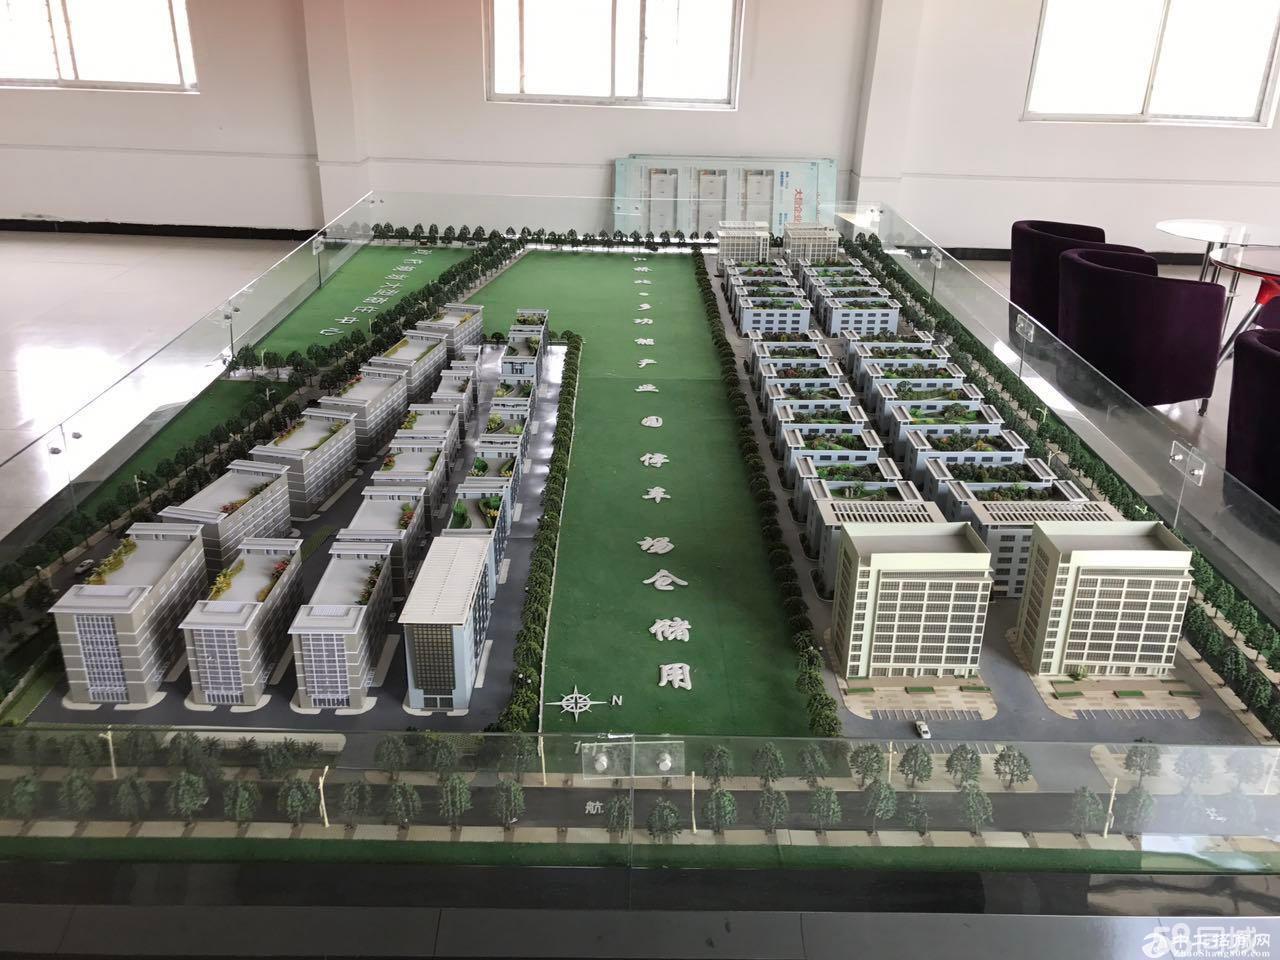 低价抛售樊城中航大道北方永发国际都市产业园独栋厂房